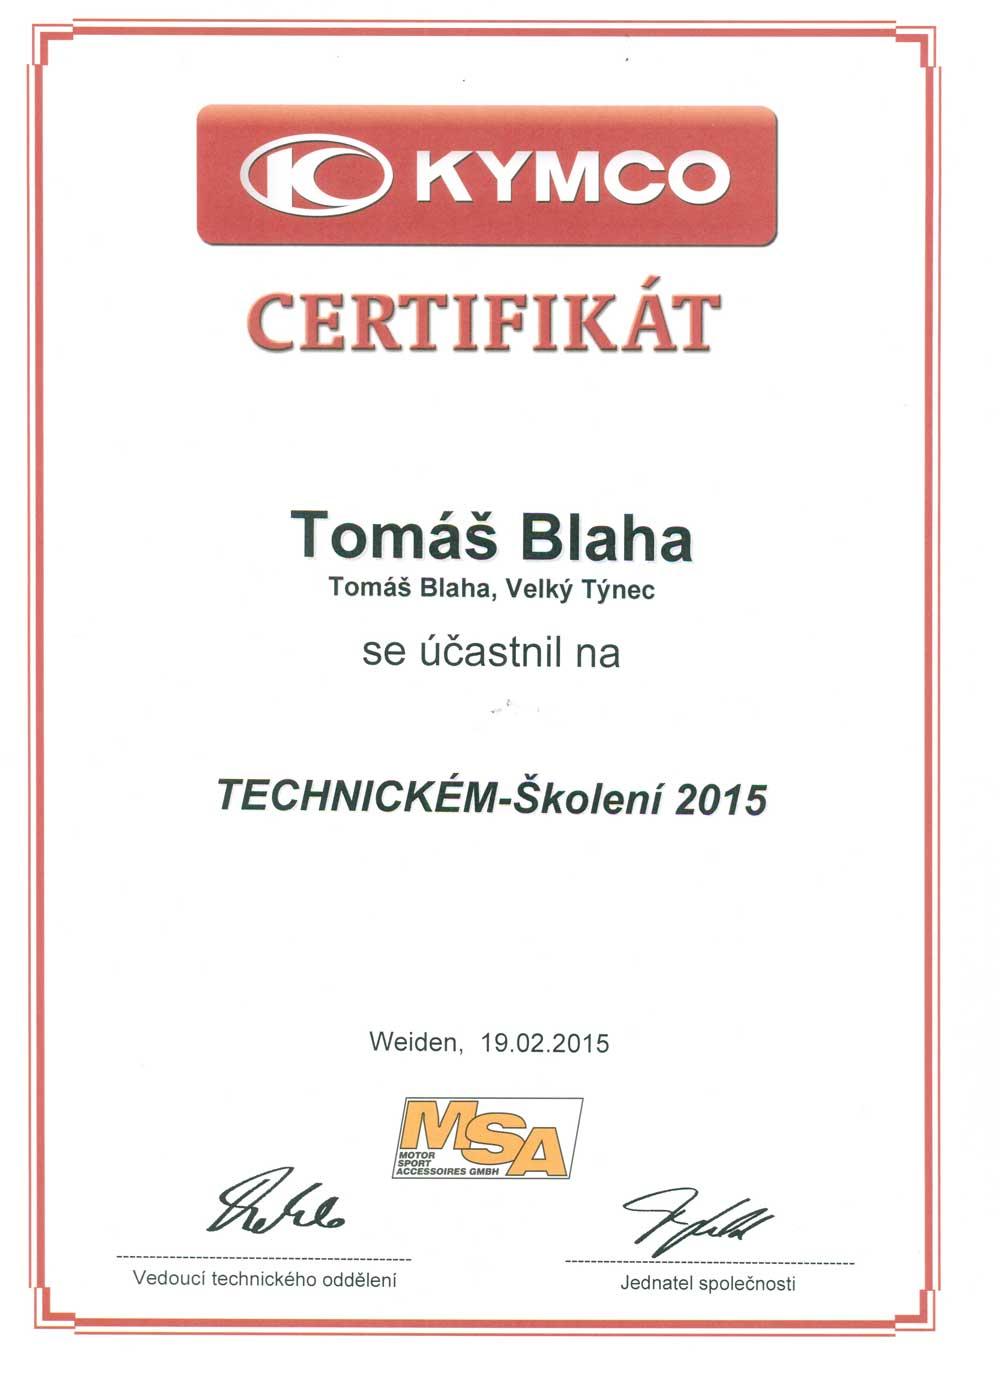 Certifikát z technického školení Kymco 2015 Tomáš Blaha